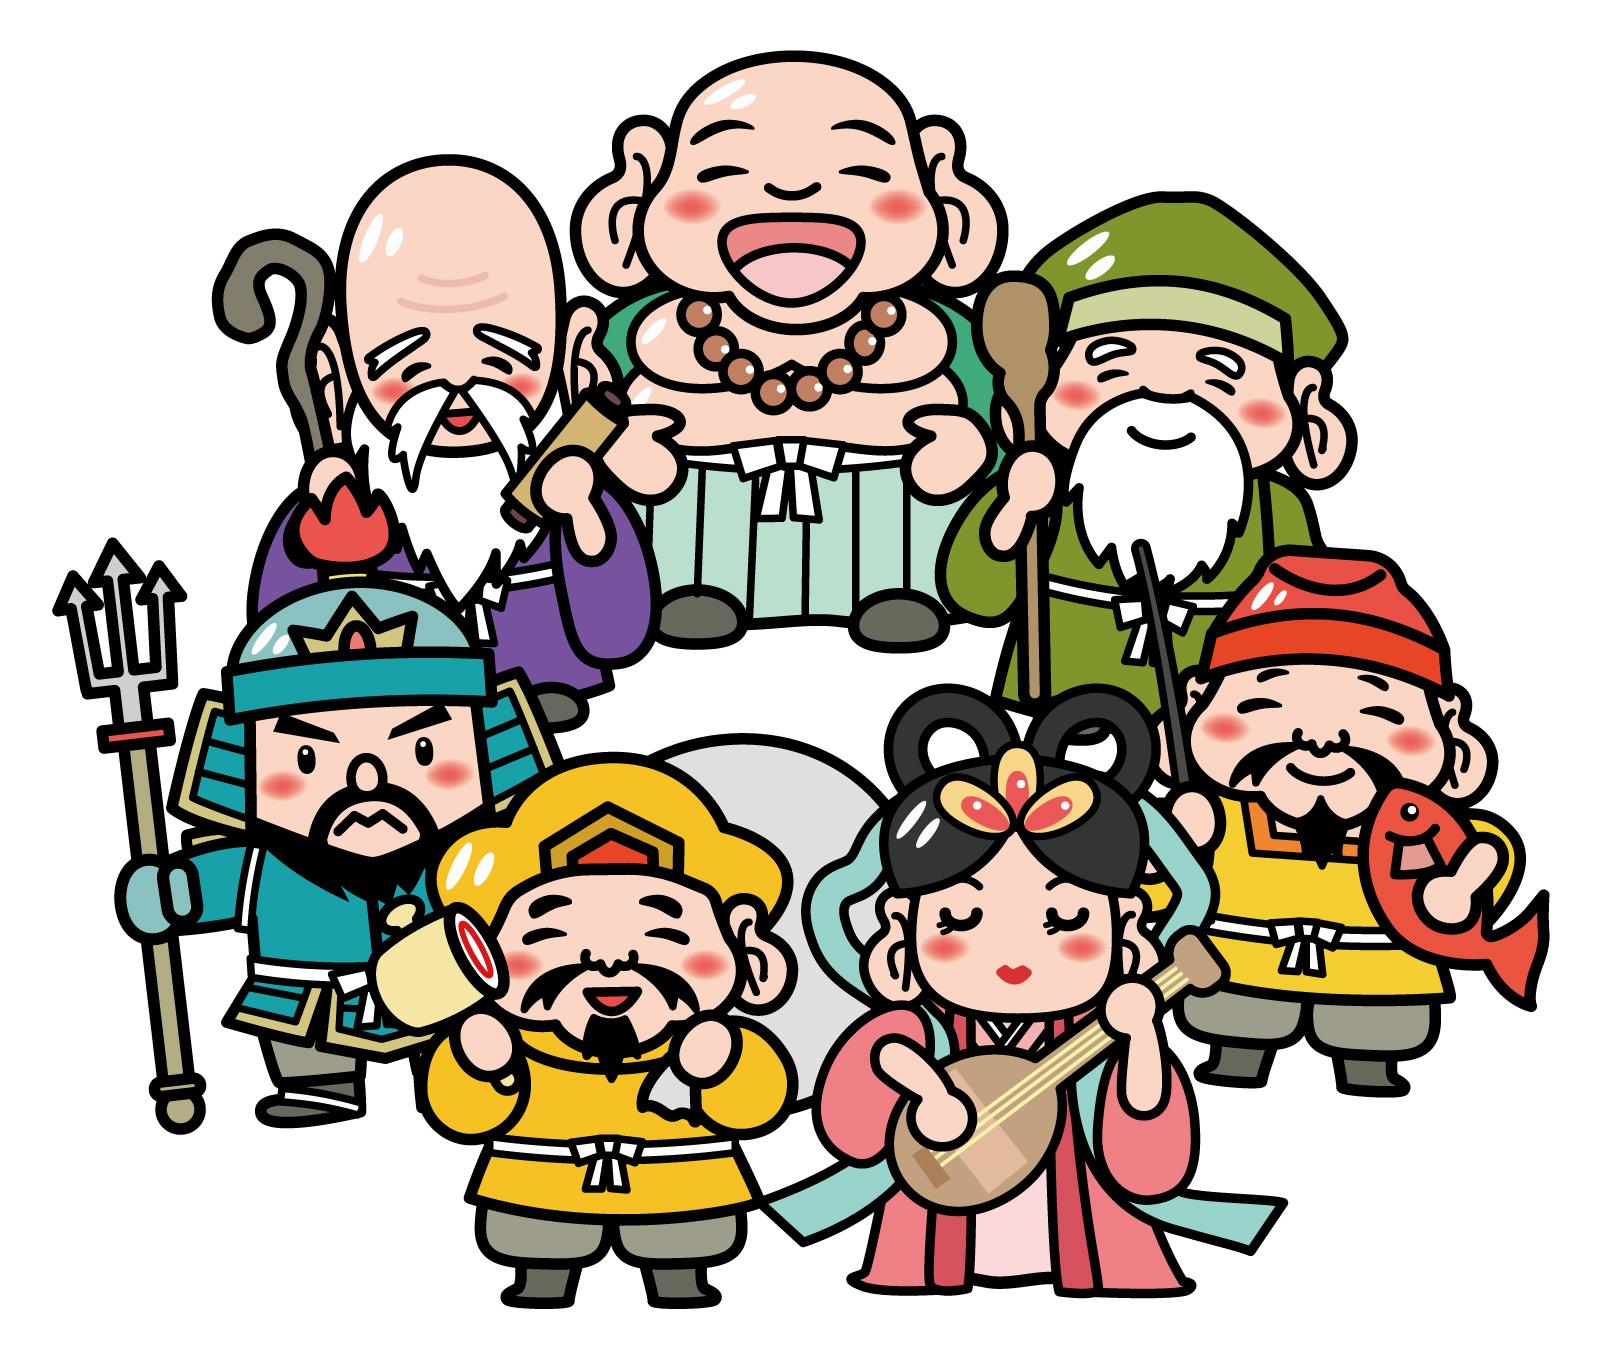 七福神メンバー7人イラスト